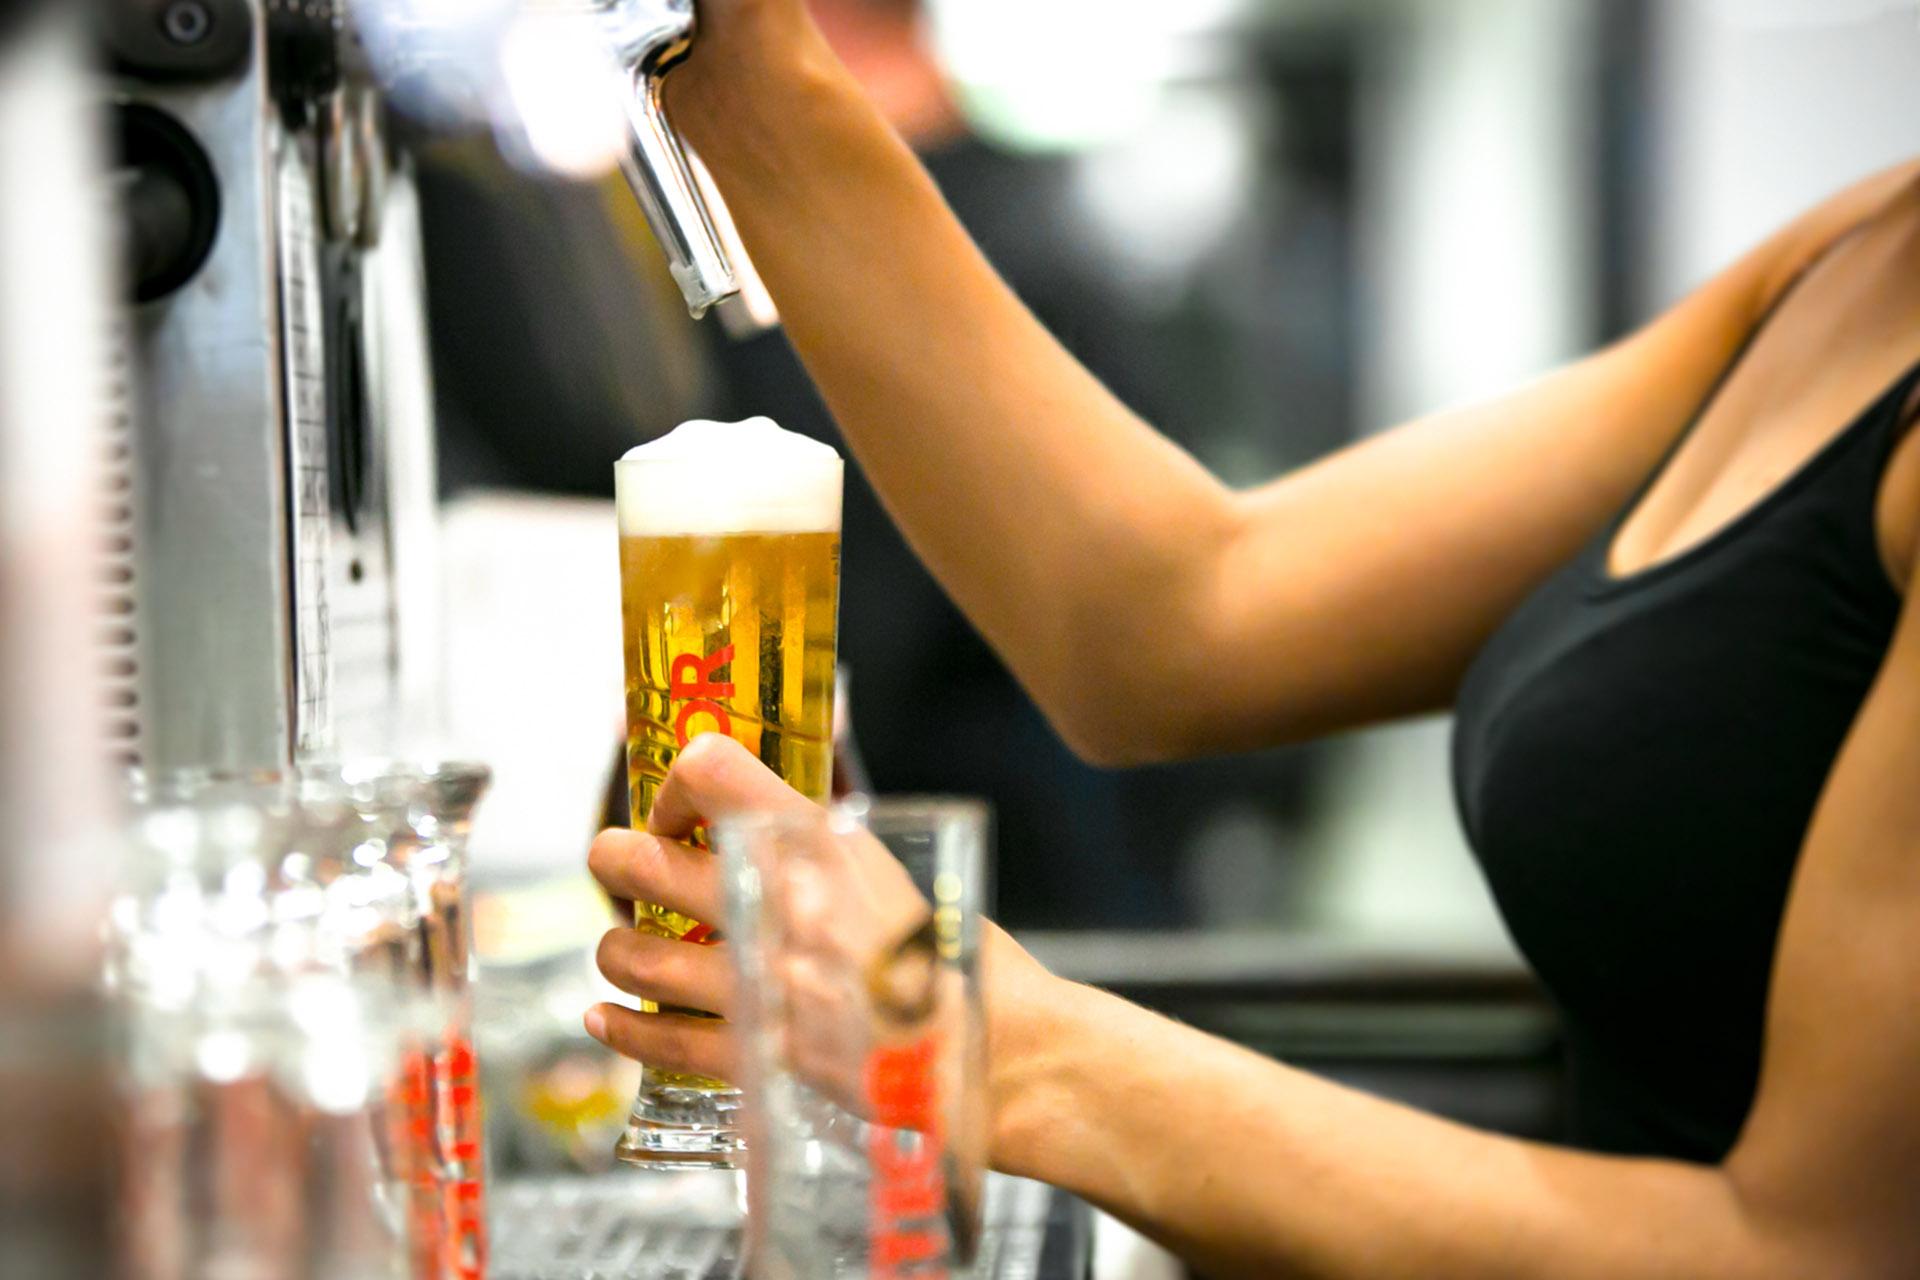 Frisch gezapft: Bier bleibt ein Lieblingsgetränk der Deutschen. Nicht nur im vergangenen Rekordsommer verzeichneten die Brauer solide Umsätze. Für die Beschäftigten in den Brauereien fordert die Gewerkschaft NGG jetzt mehr Geld. Foto (alle Rechte frei): NGG